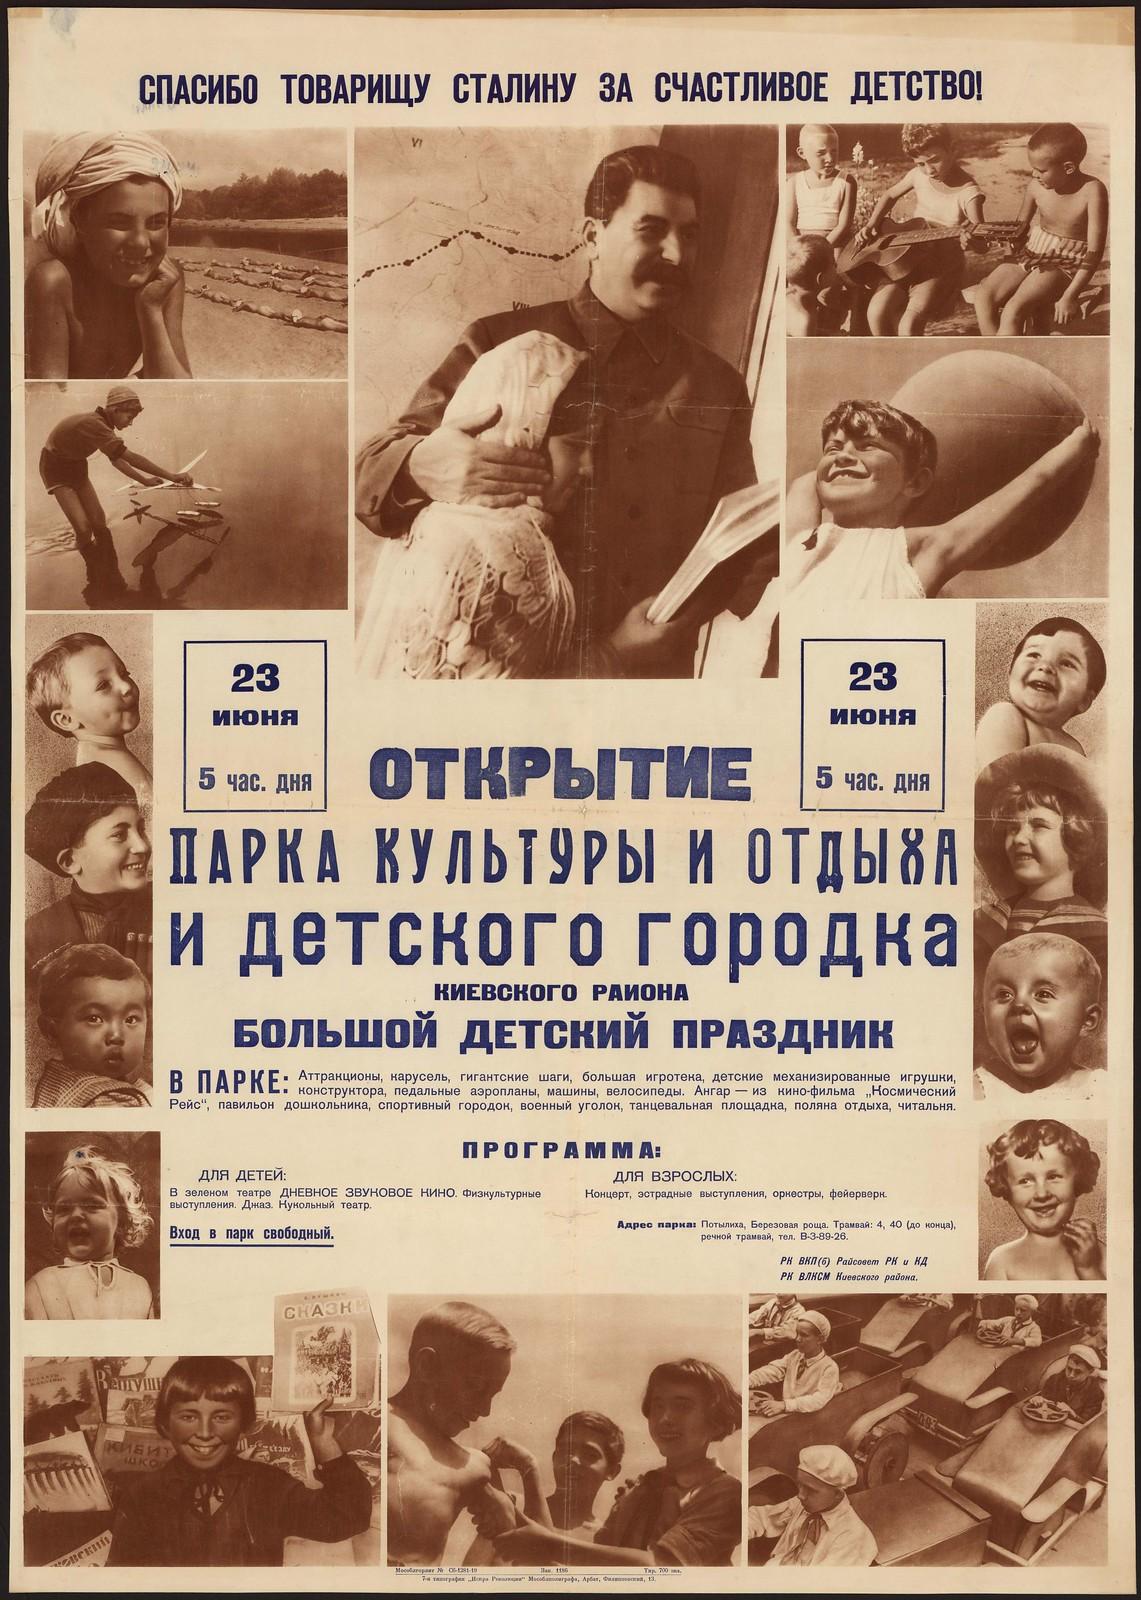 Досуг и отдых при Сталине